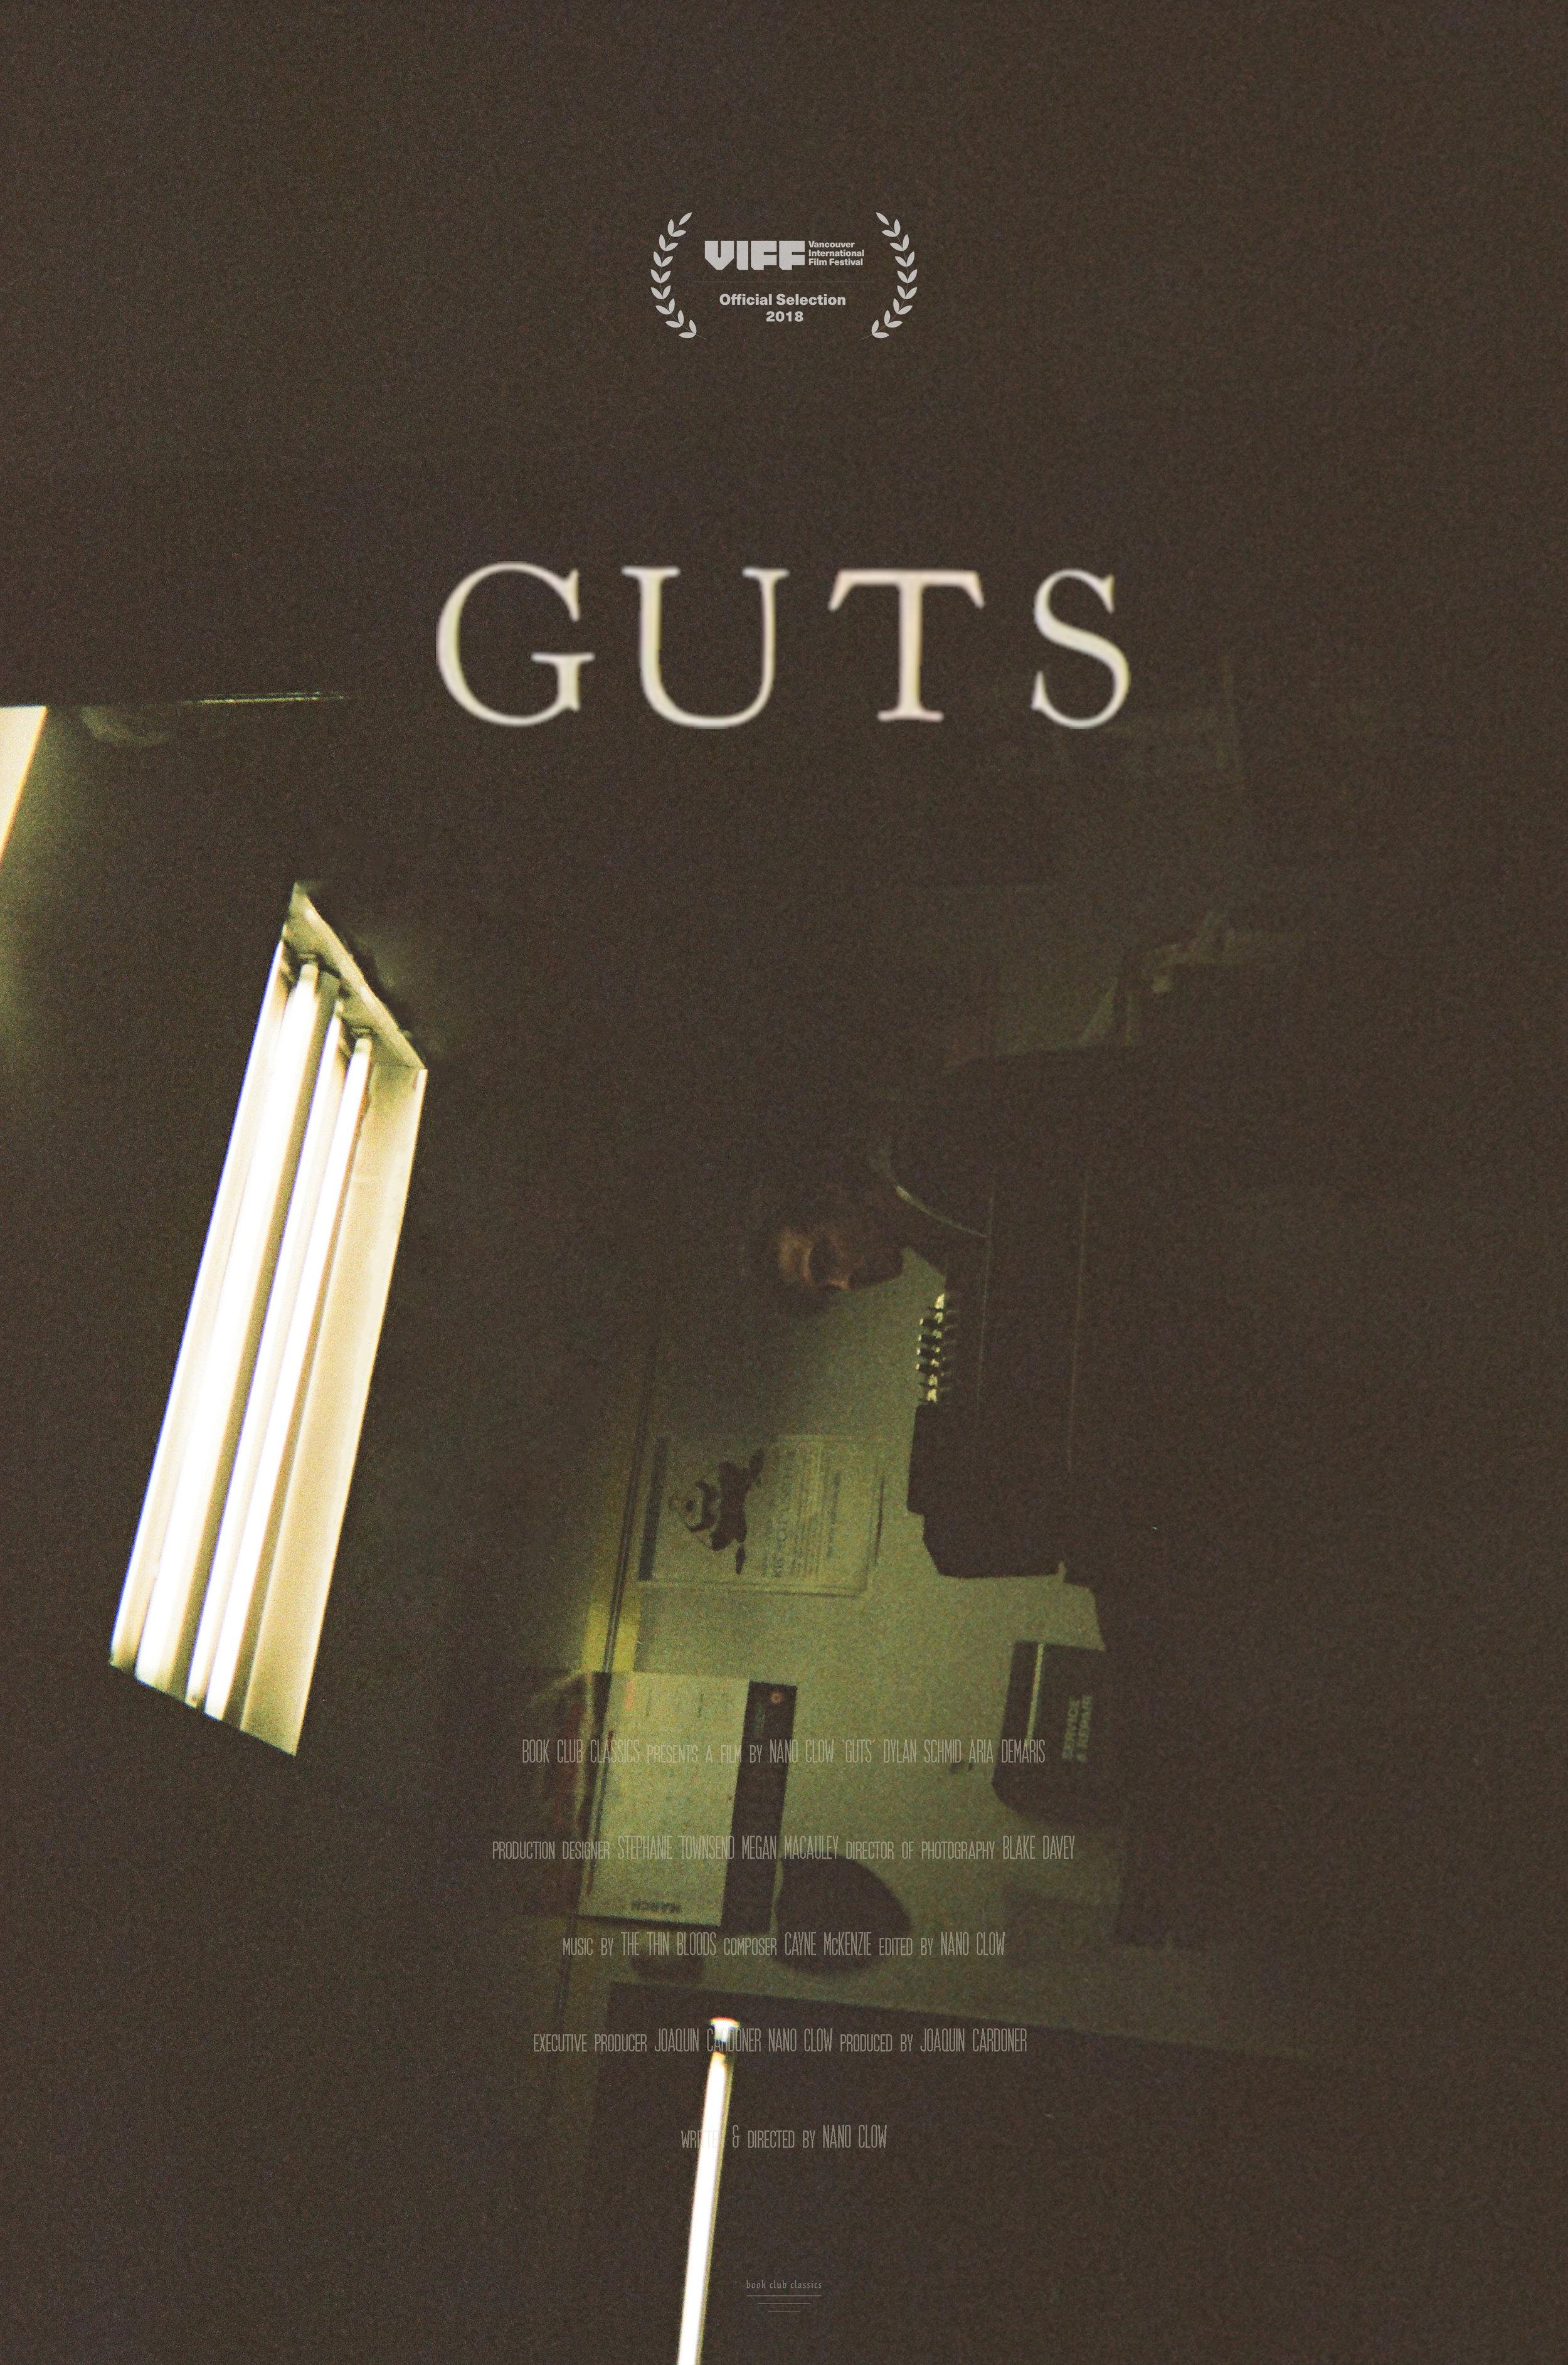 GUTS posterFOREST.jpg